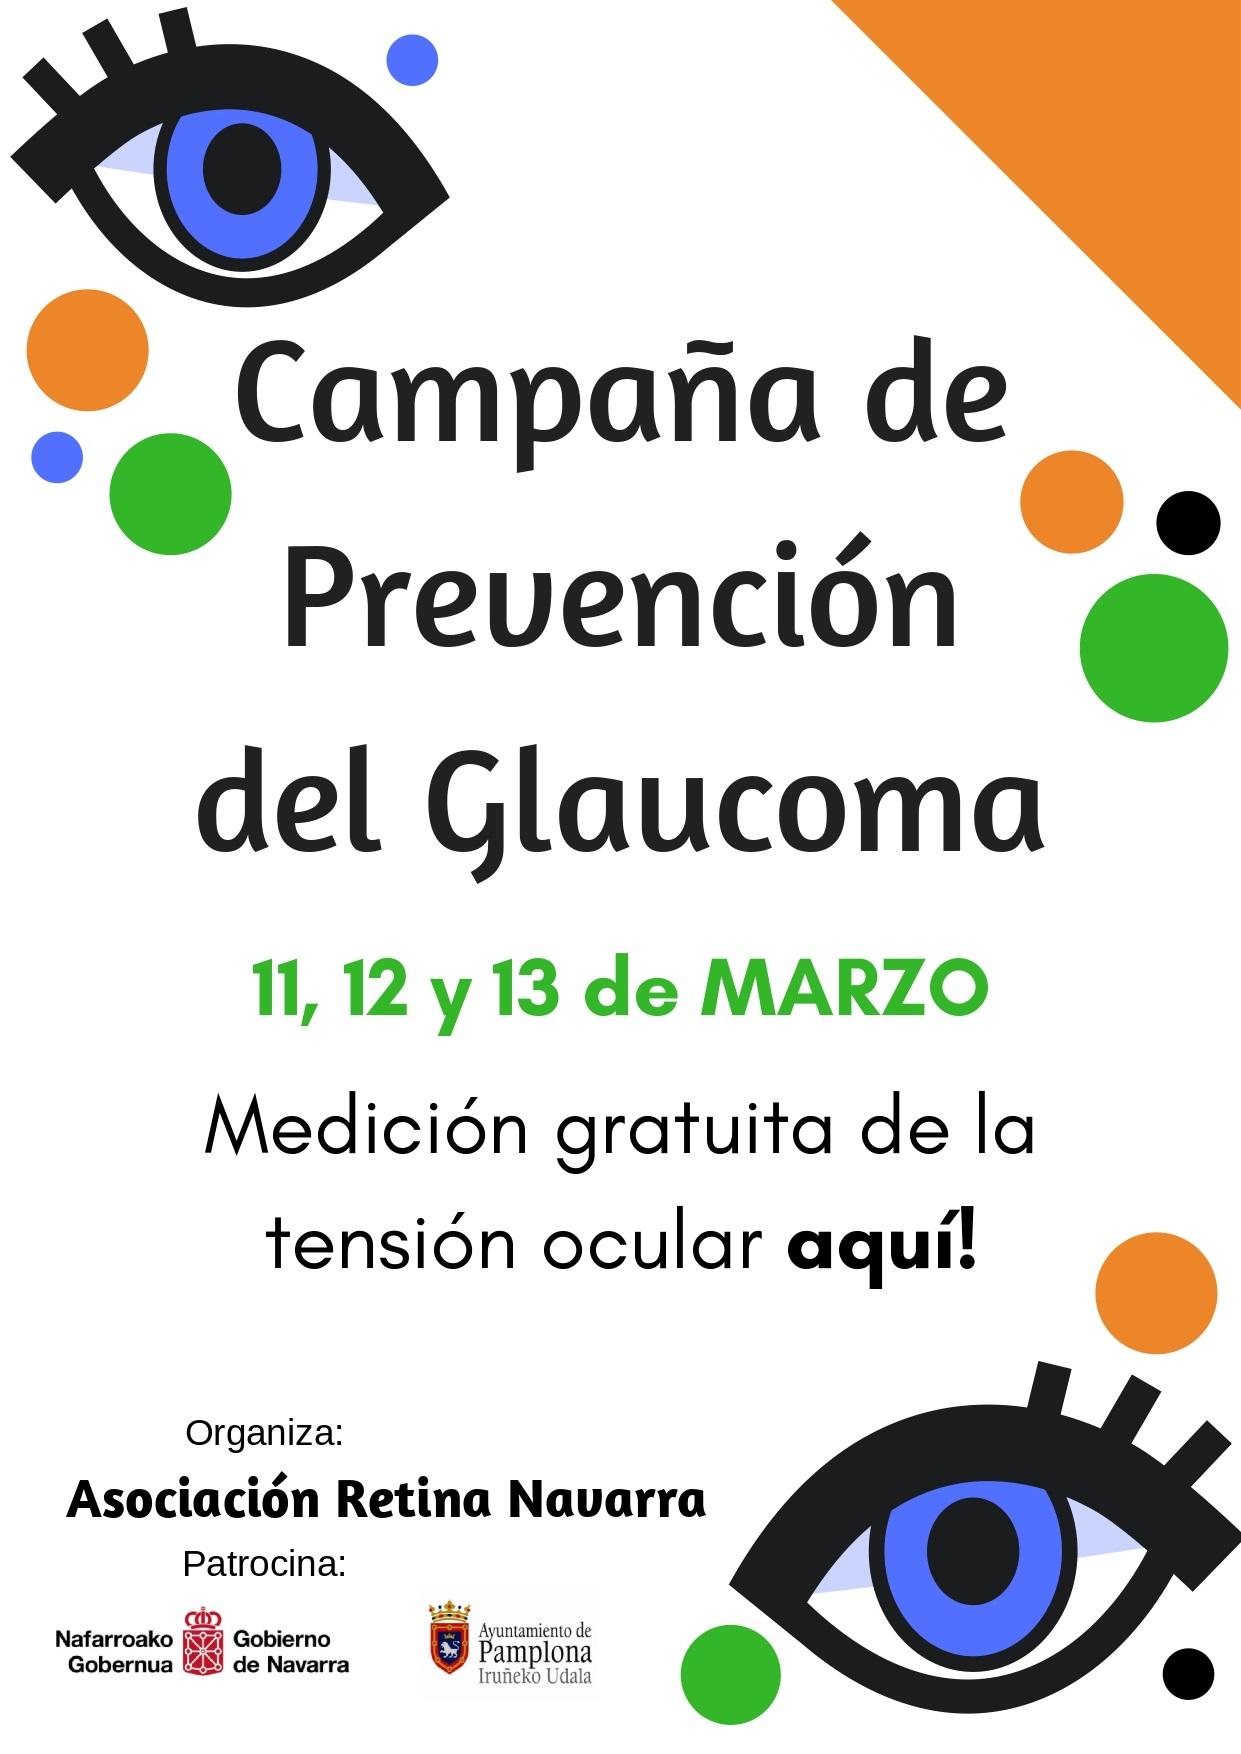 Imagen del cartel de la campaña